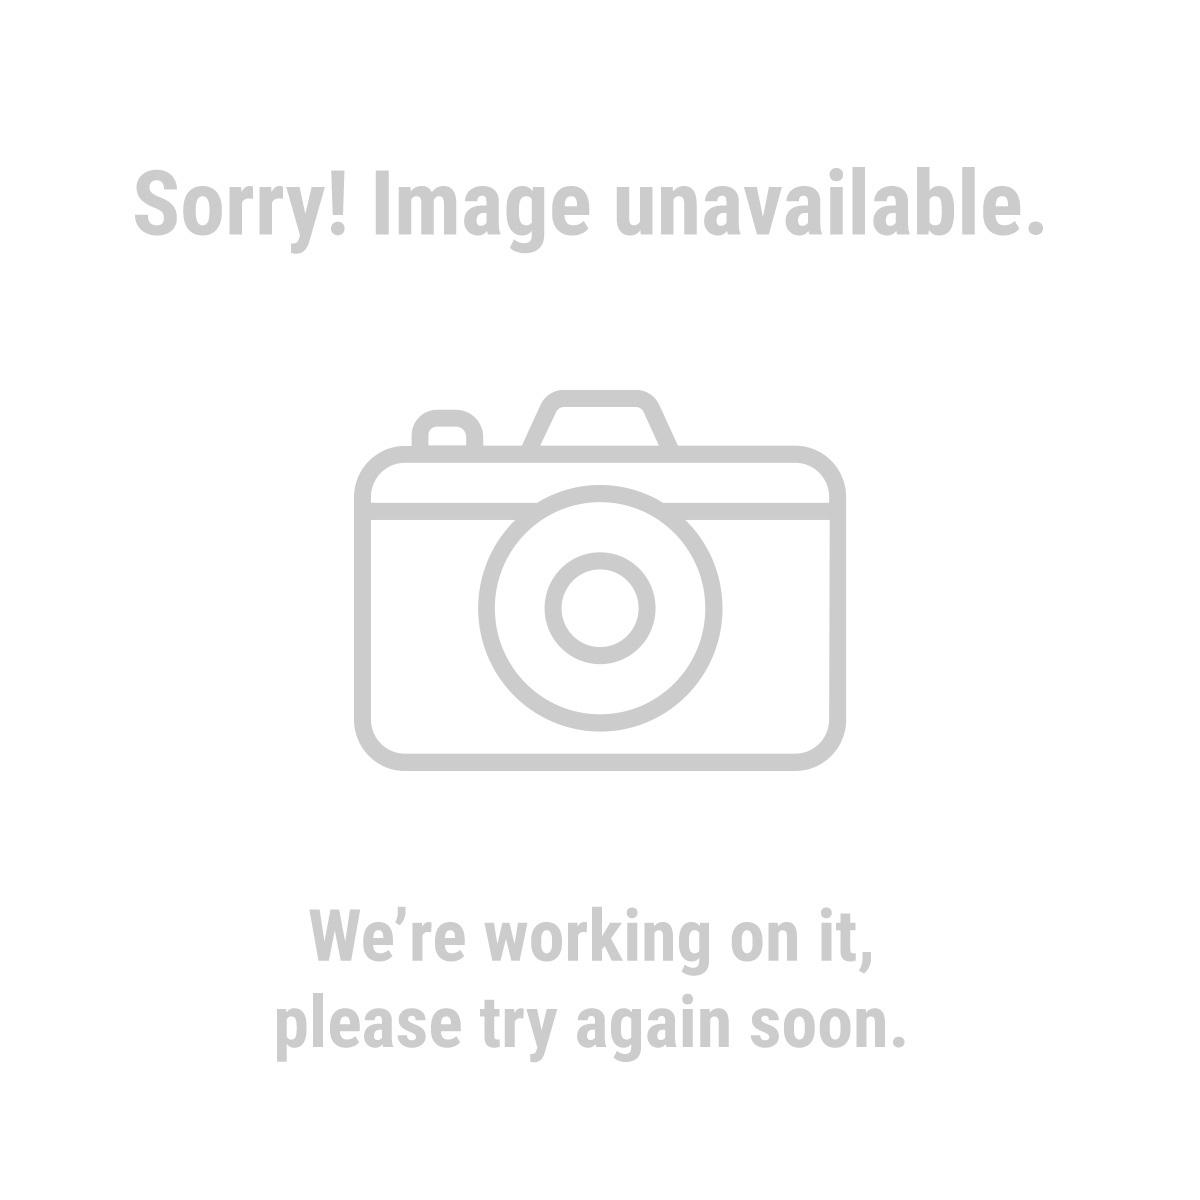 Drill Master 18v Battery